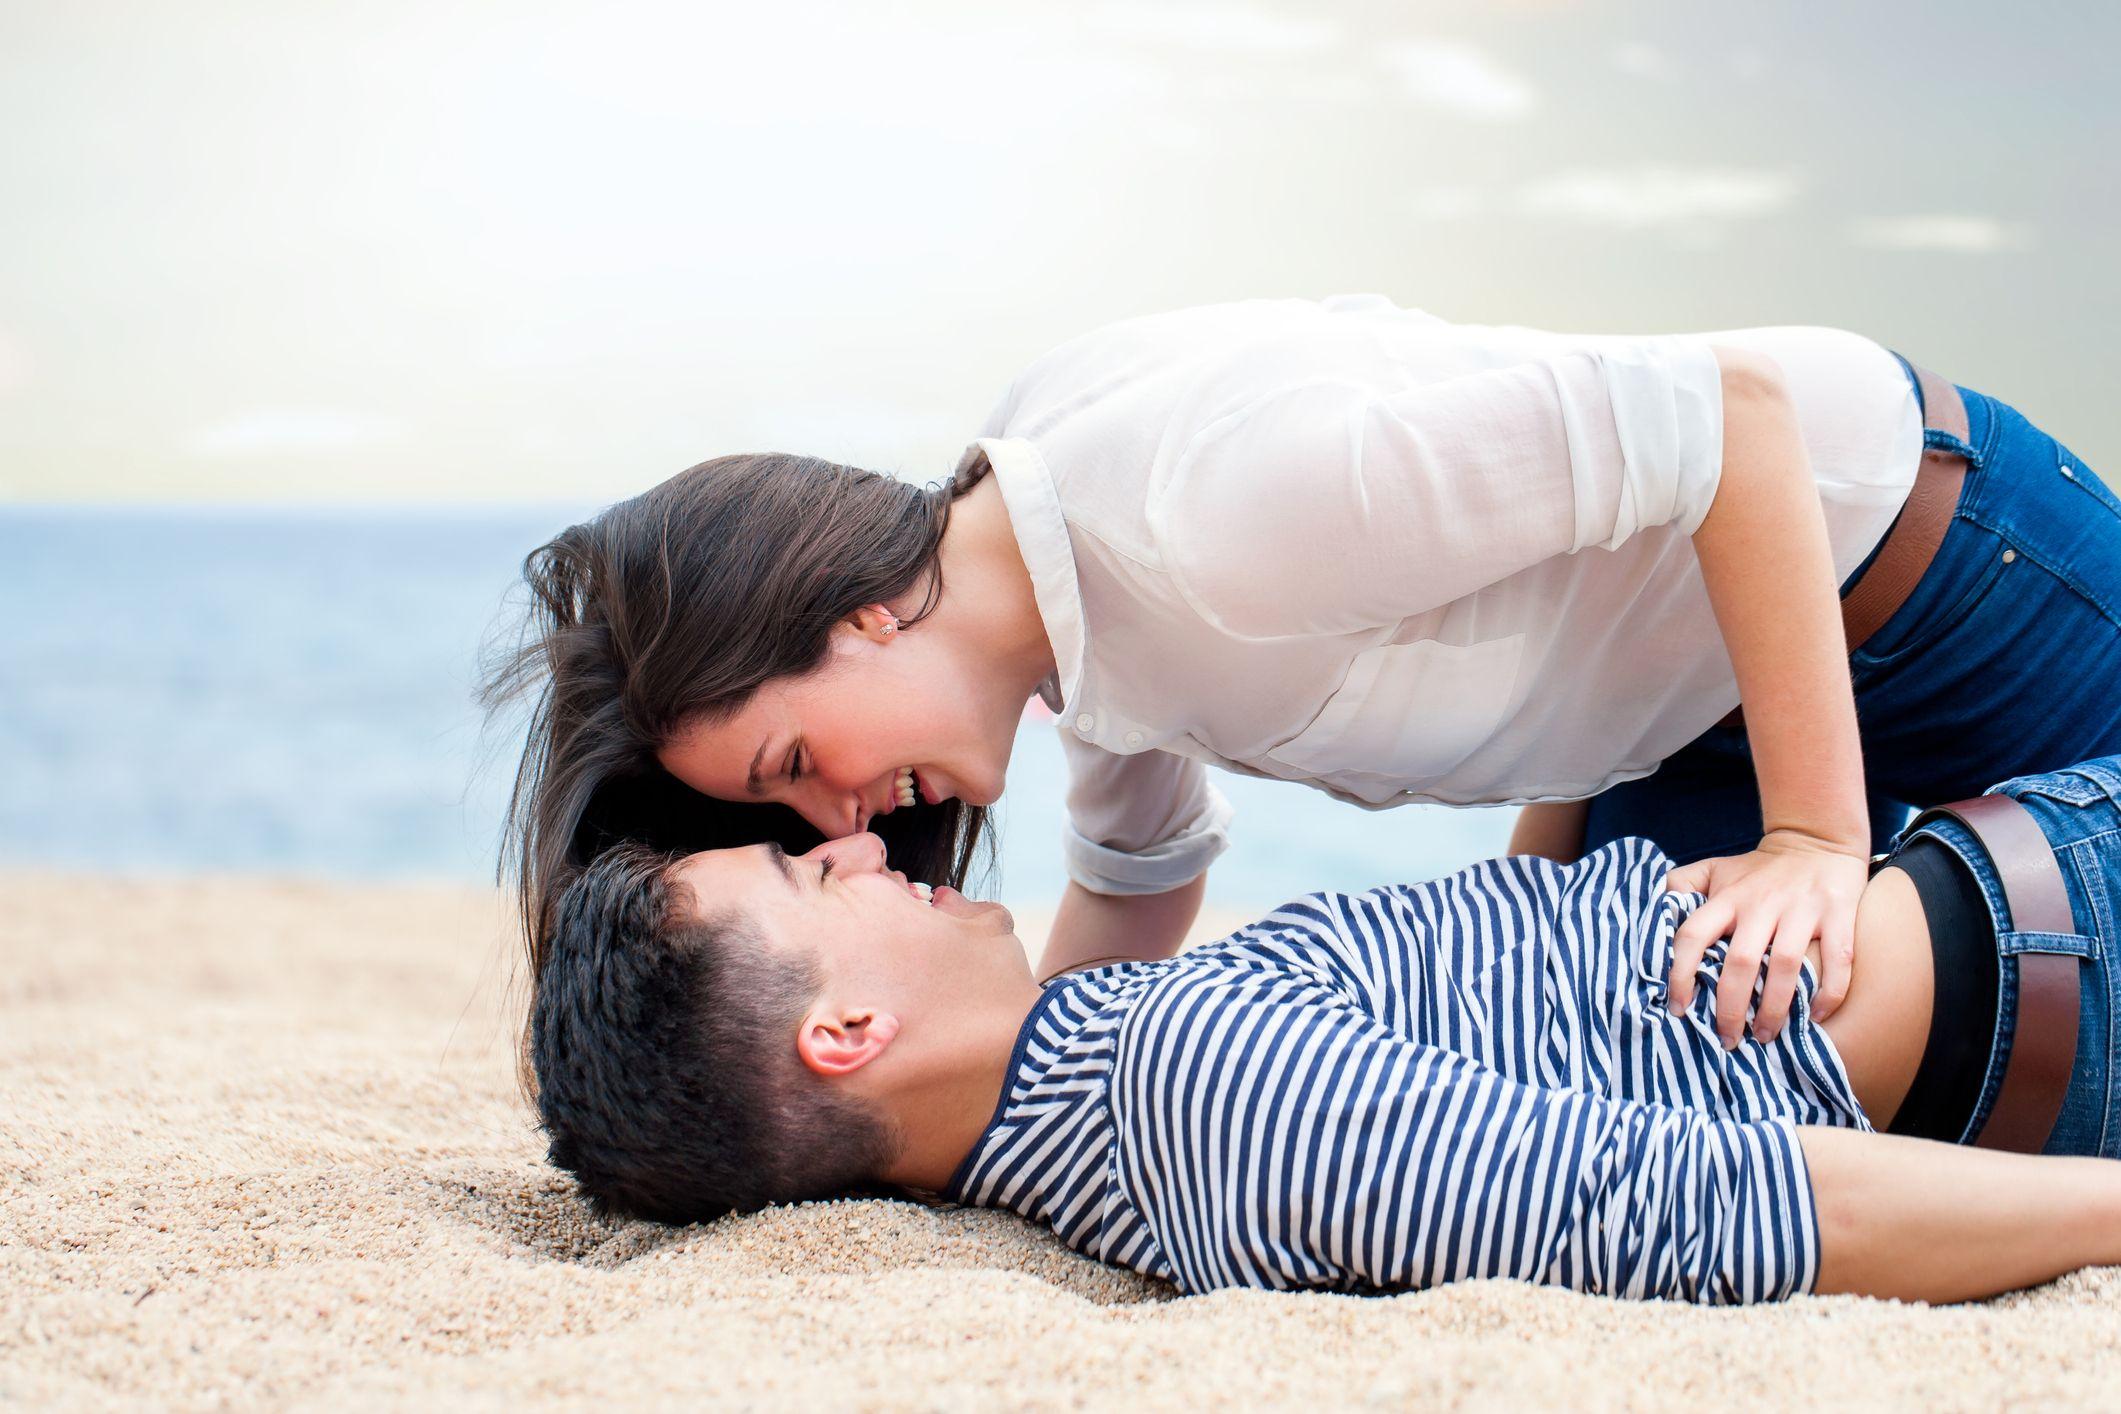 È normale ridere mentre fai l'amore? La good news è che, se succede, è un buon segnale